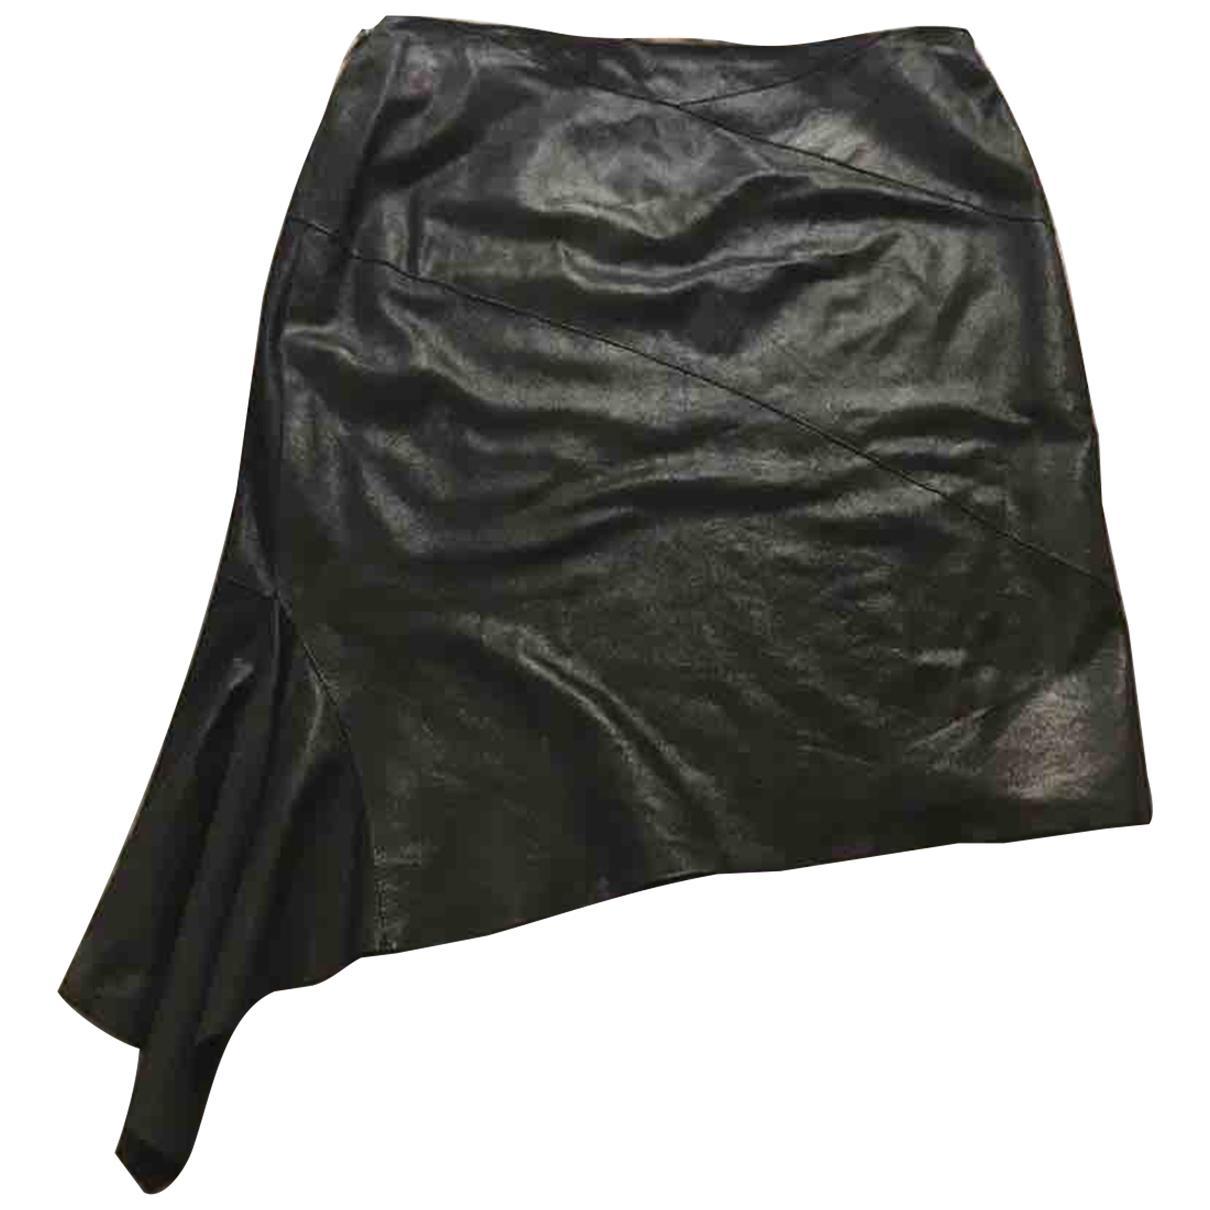 Roberto Cavalli \N Black Leather skirt for Women 40 IT